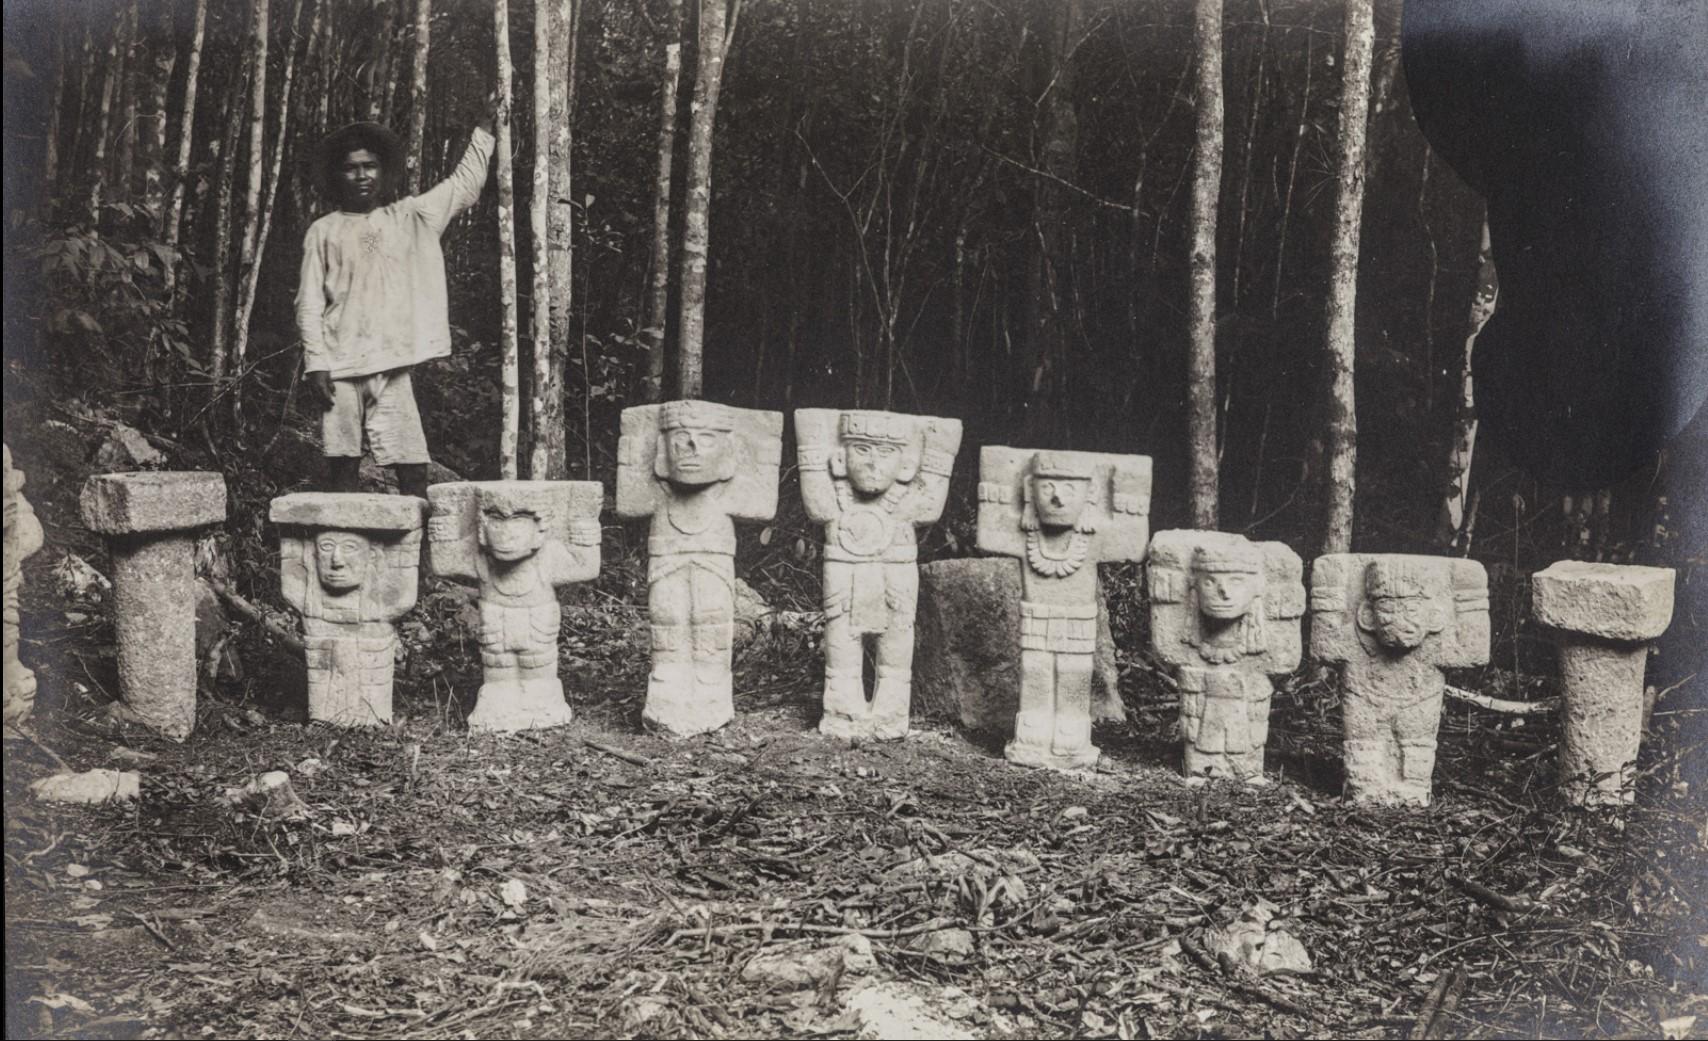 Чичен-Ица. Человек стоит за статуями атлантов